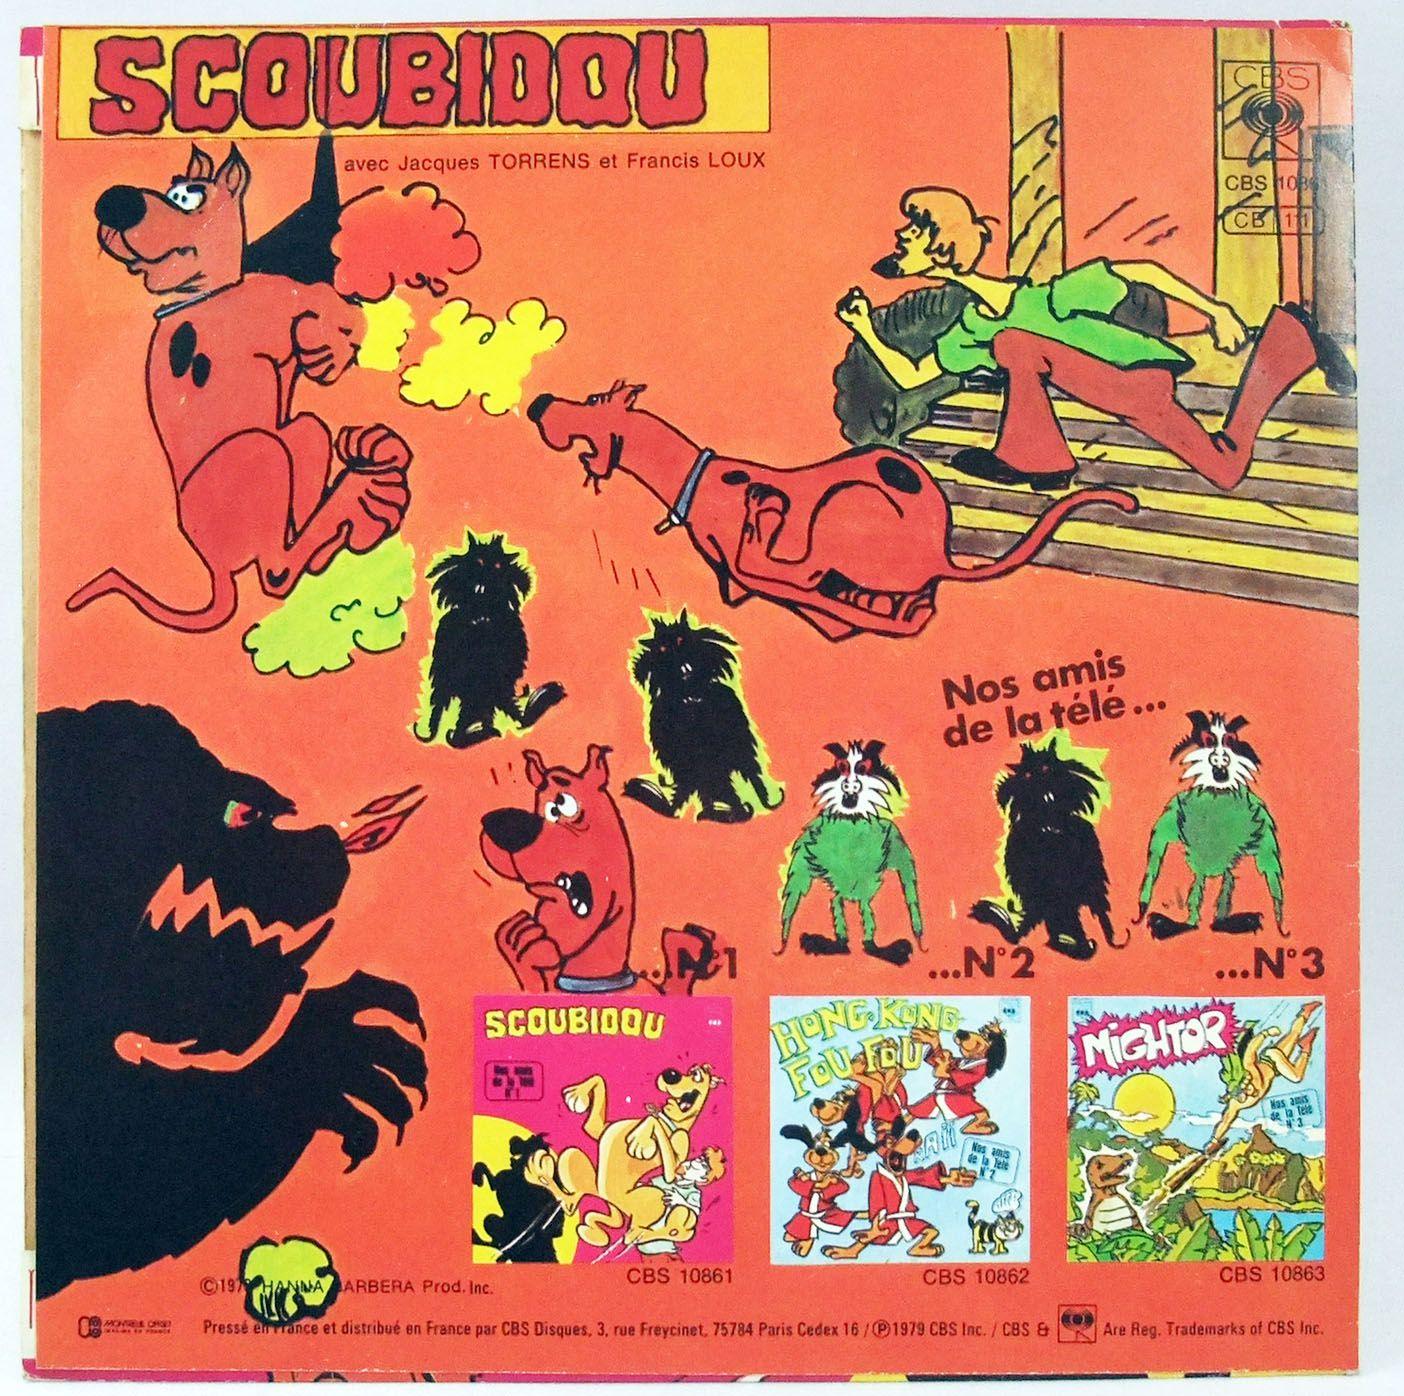 Scoubidou - Disque 45Tours - CBS Records 1979